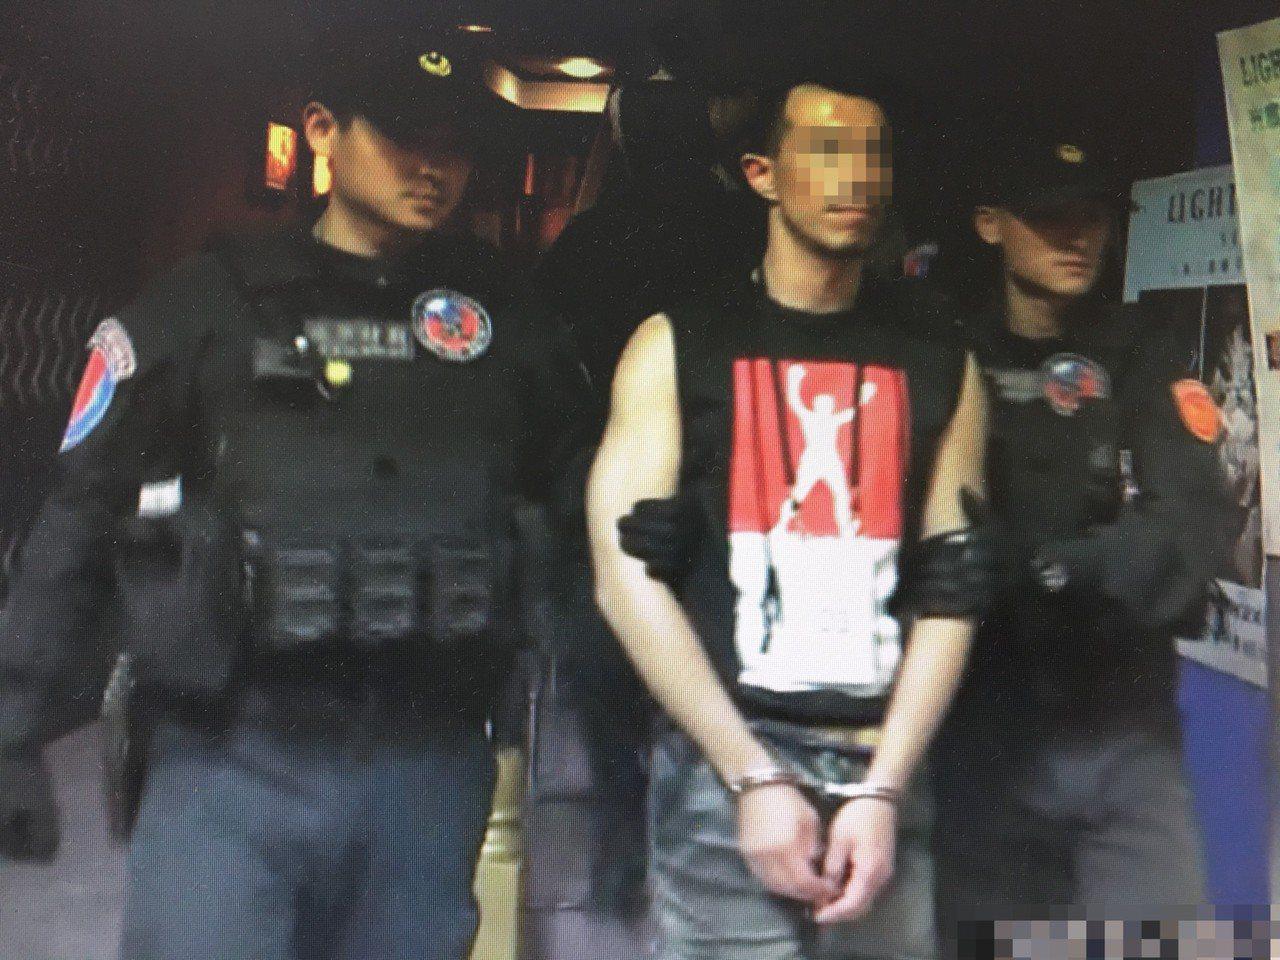 張姓大學講師在三溫暖內被查獲毒品與吸食器,遭警方送辦。記者廖炳棋/翻攝